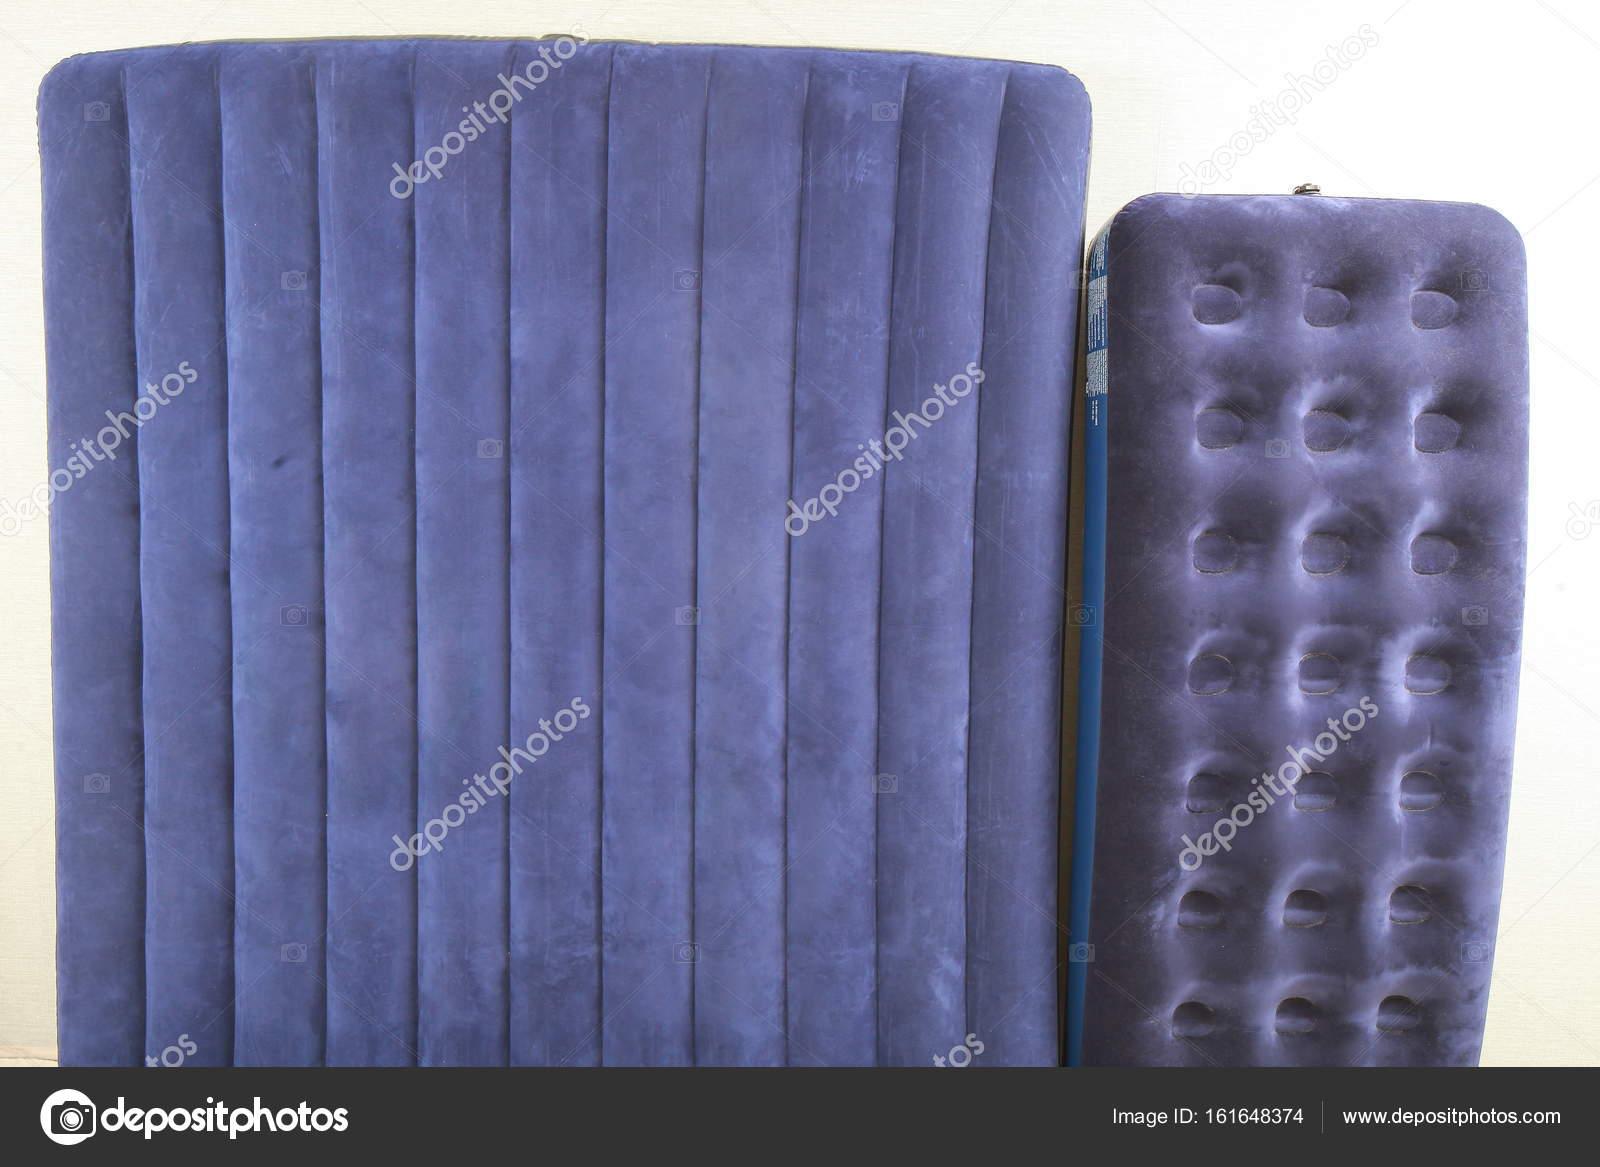 Materasso Gonfiabile Per Dormire.Materasso Gonfiabile Blu Per Dormire E Riposare Foto Stock